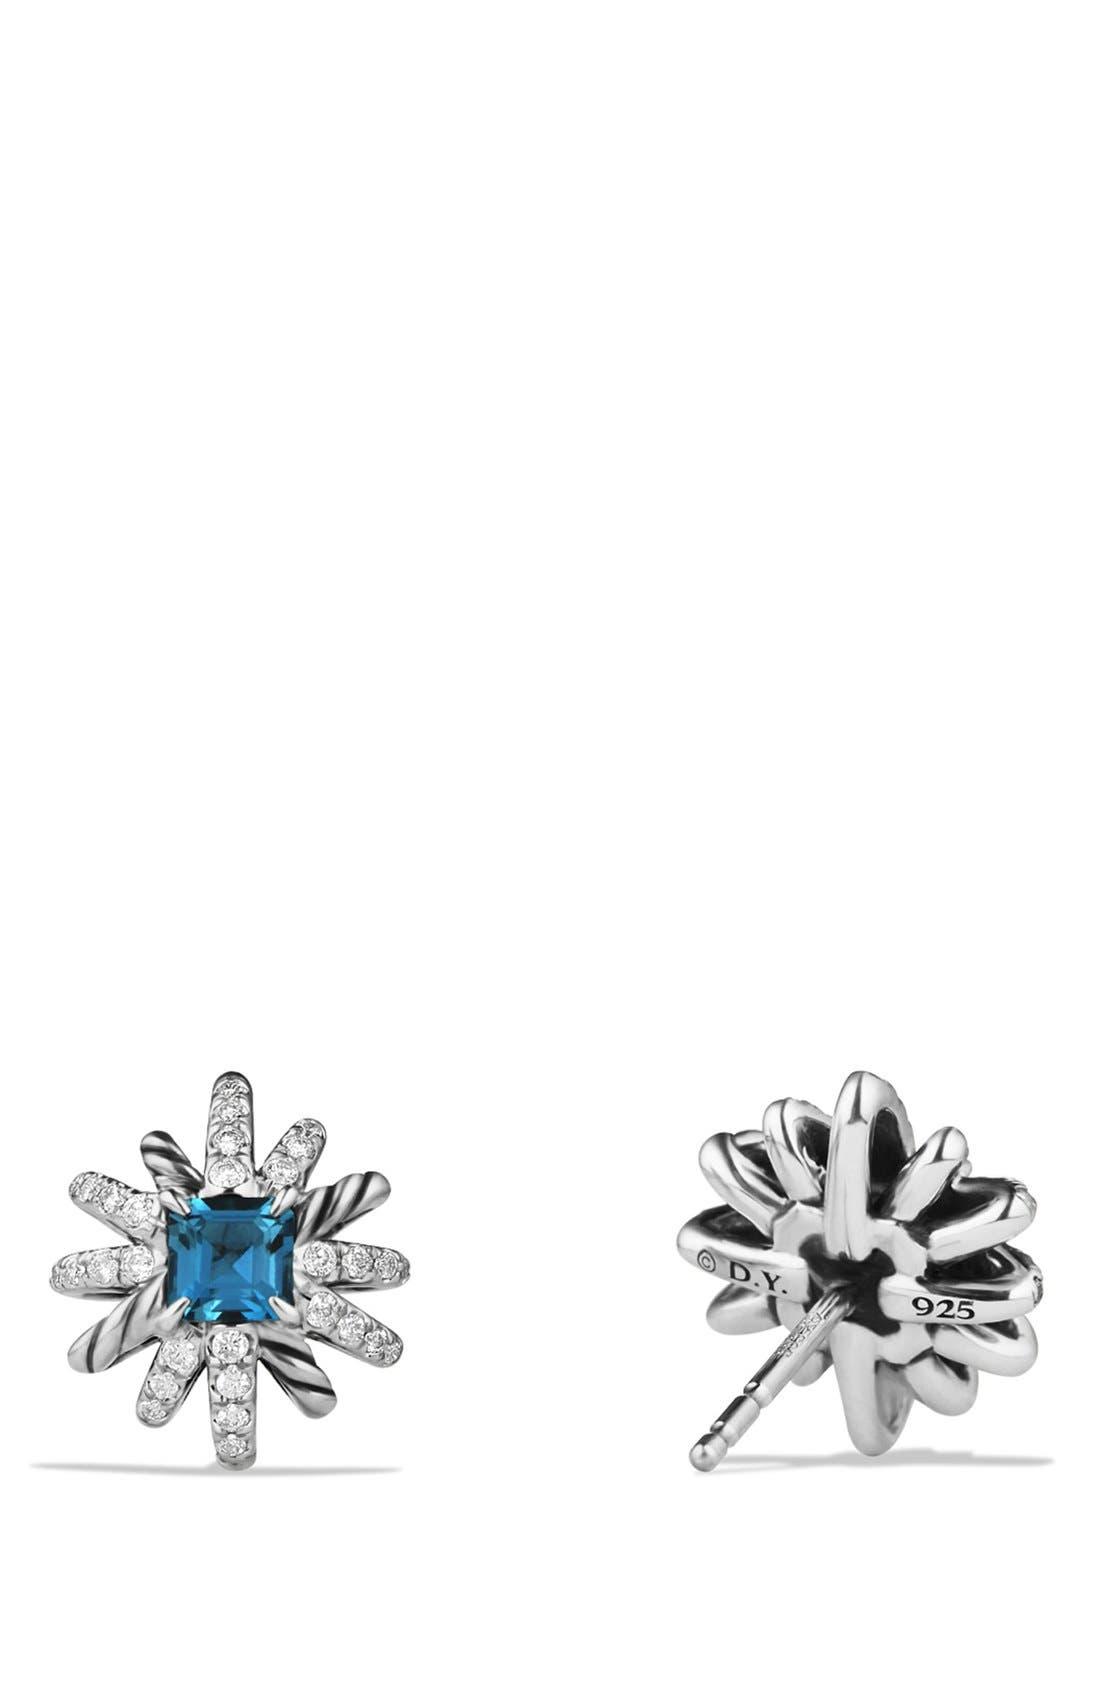 'Starburst' Earrings,                             Alternate thumbnail 2, color,                             Hampton Blue Topaz